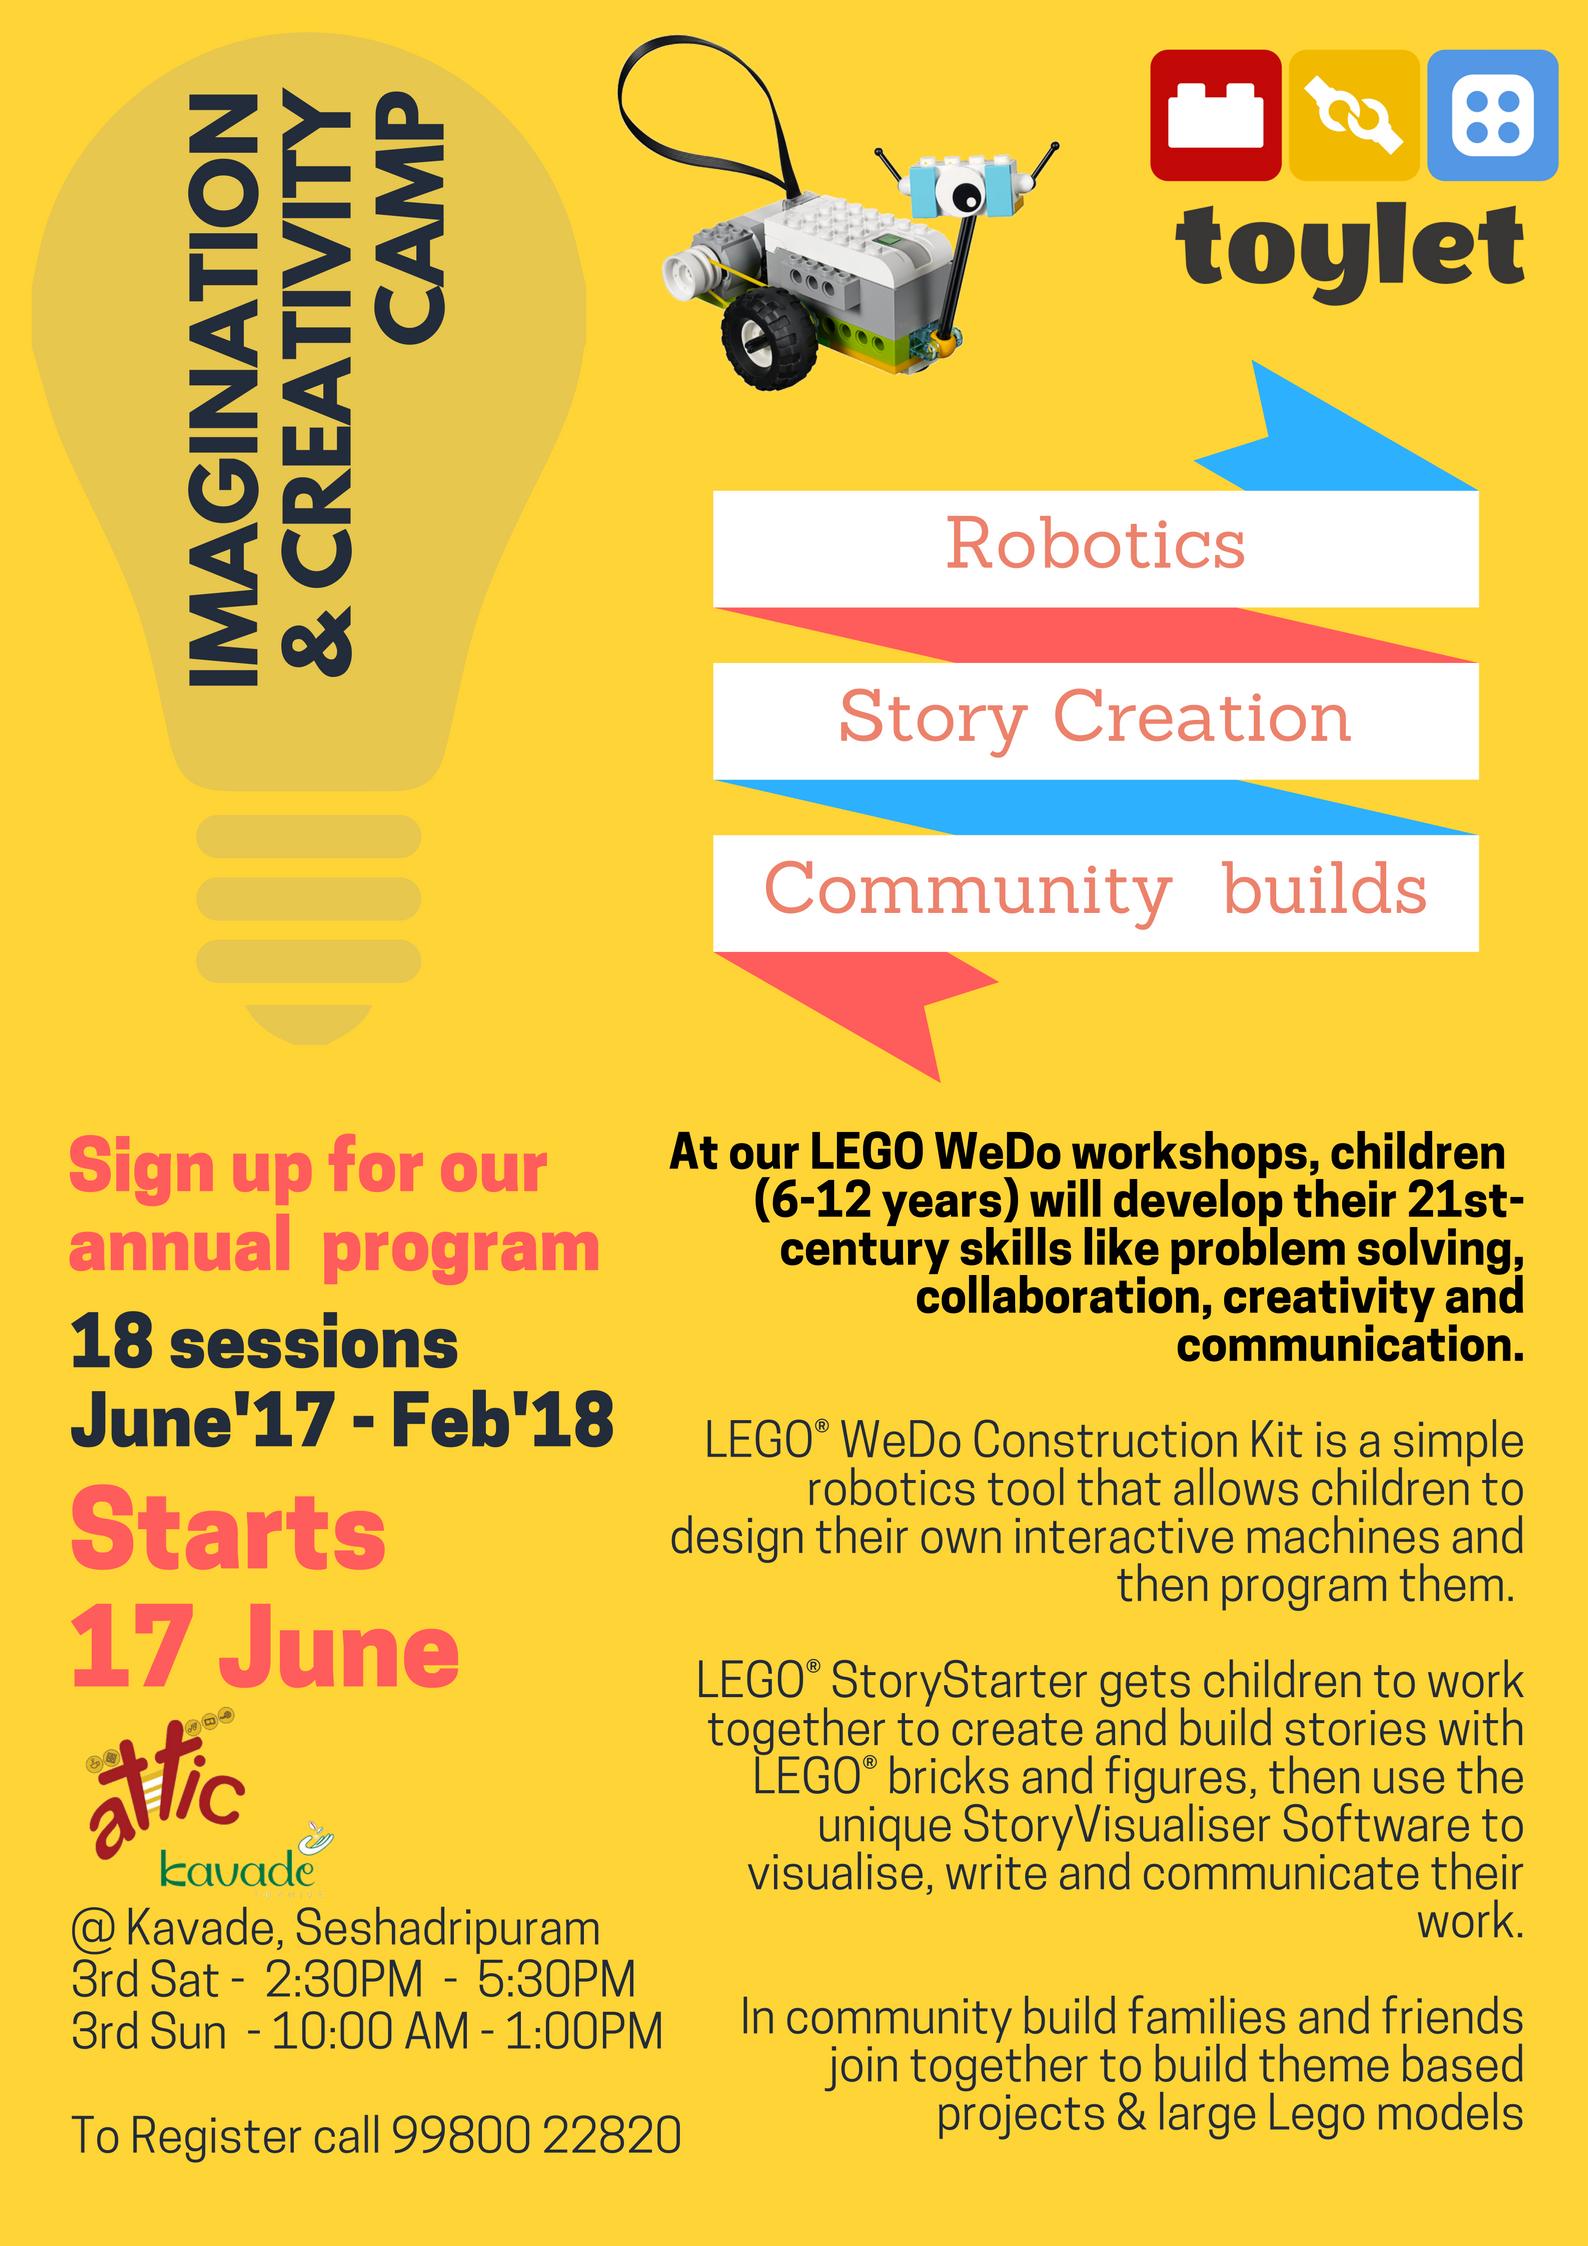 Lego Wedo workshop